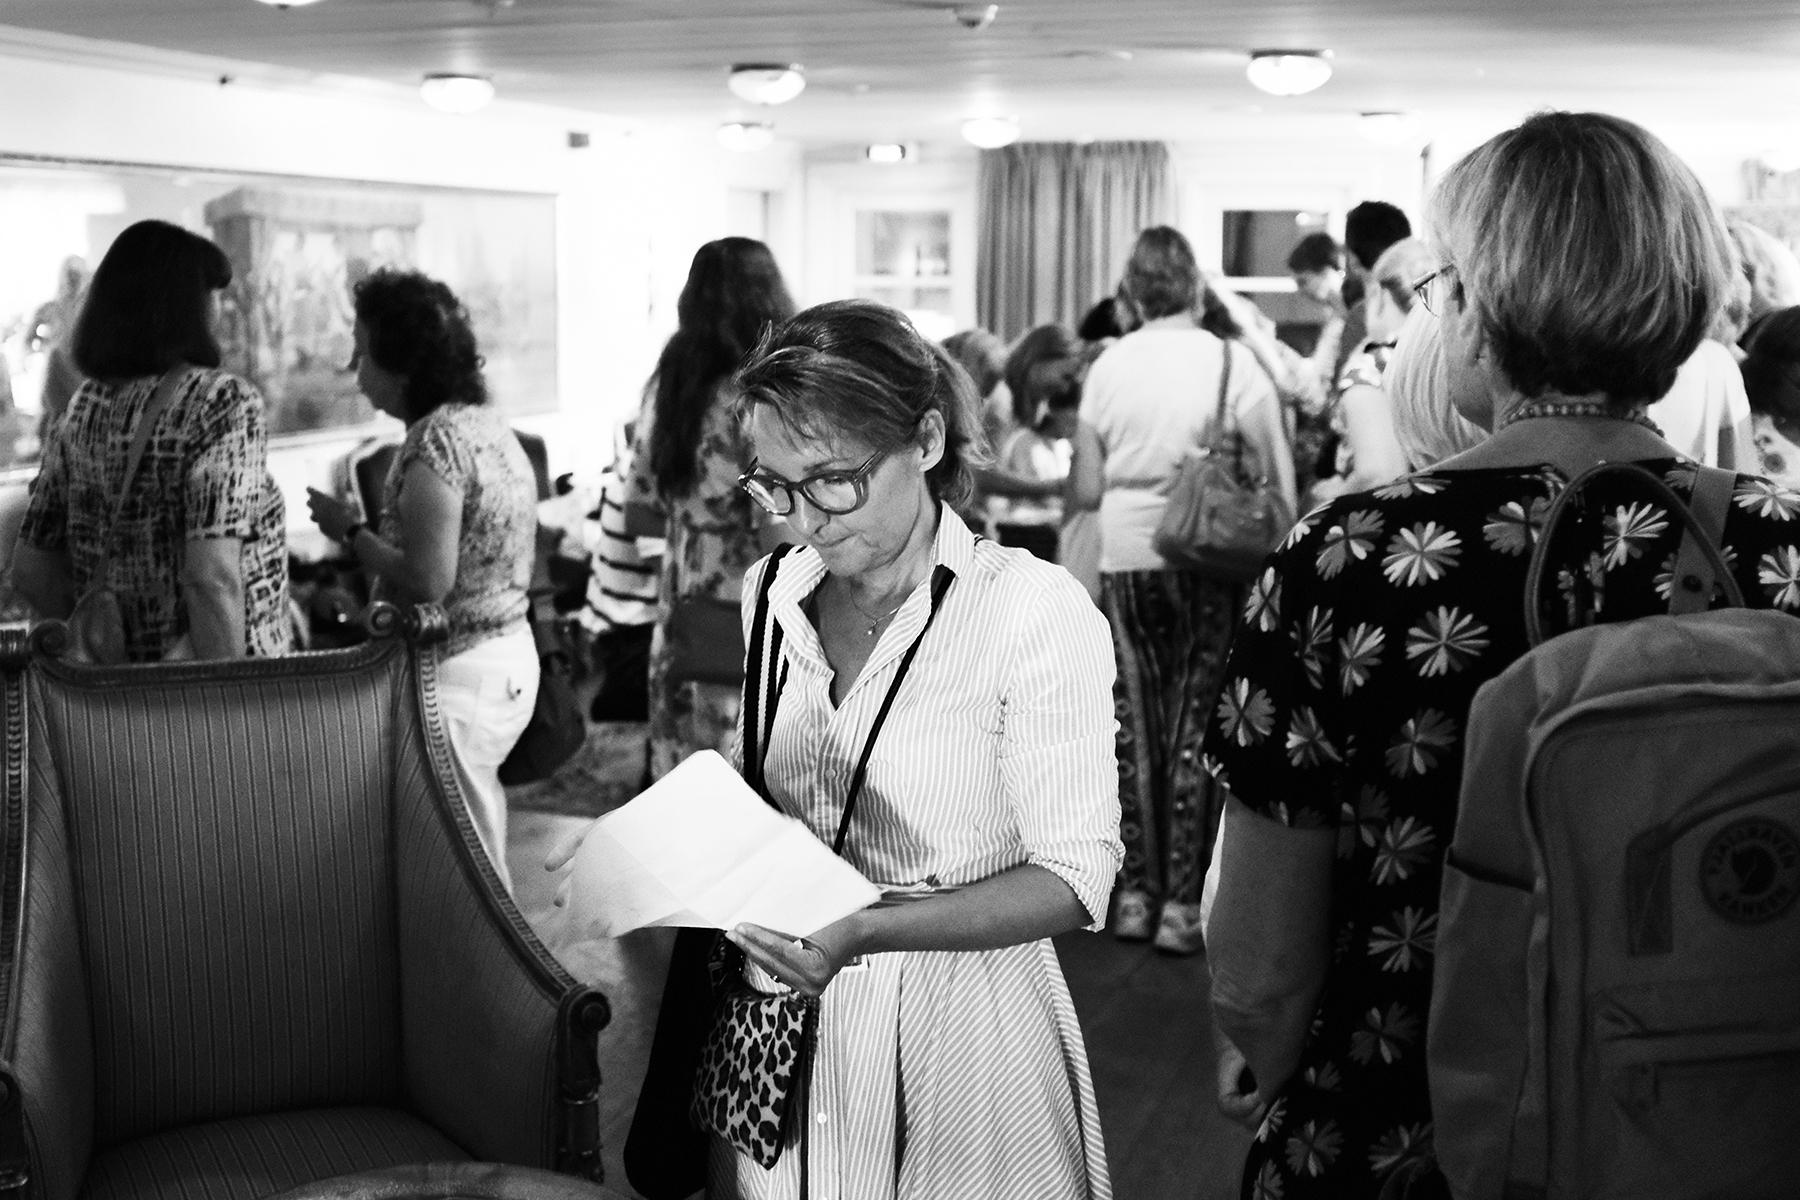 Lina Lodegård Sjögren på Norstedts förlag läser i papper i rum fullt av besökare.